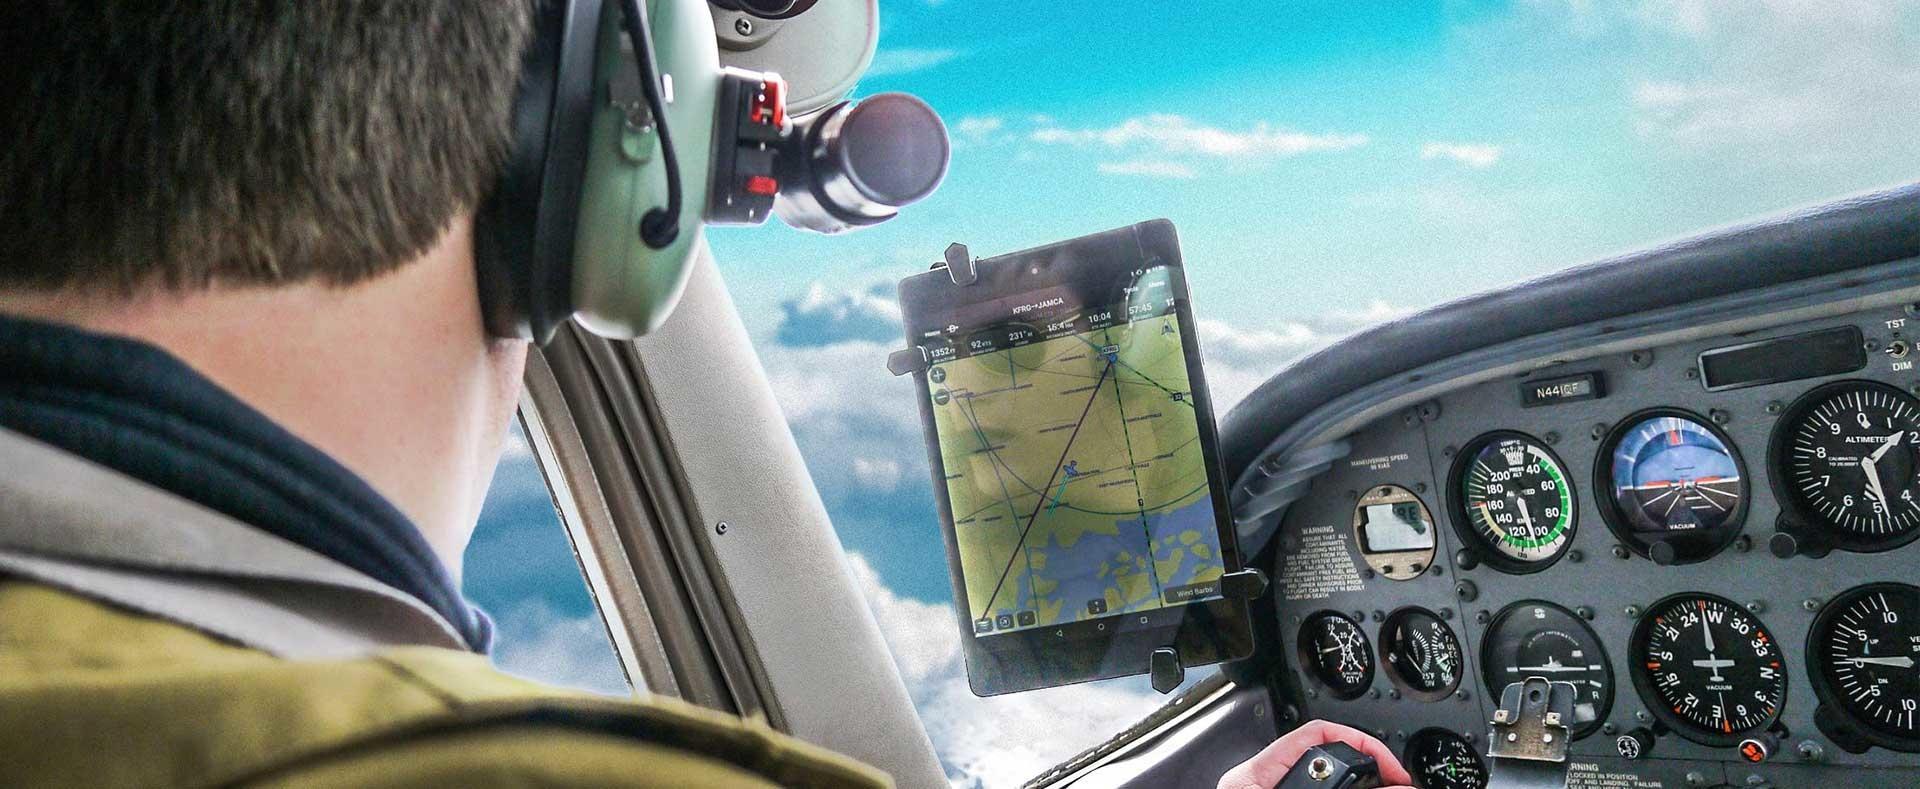 Лучшие недорогие планшеты для GPS-навигации